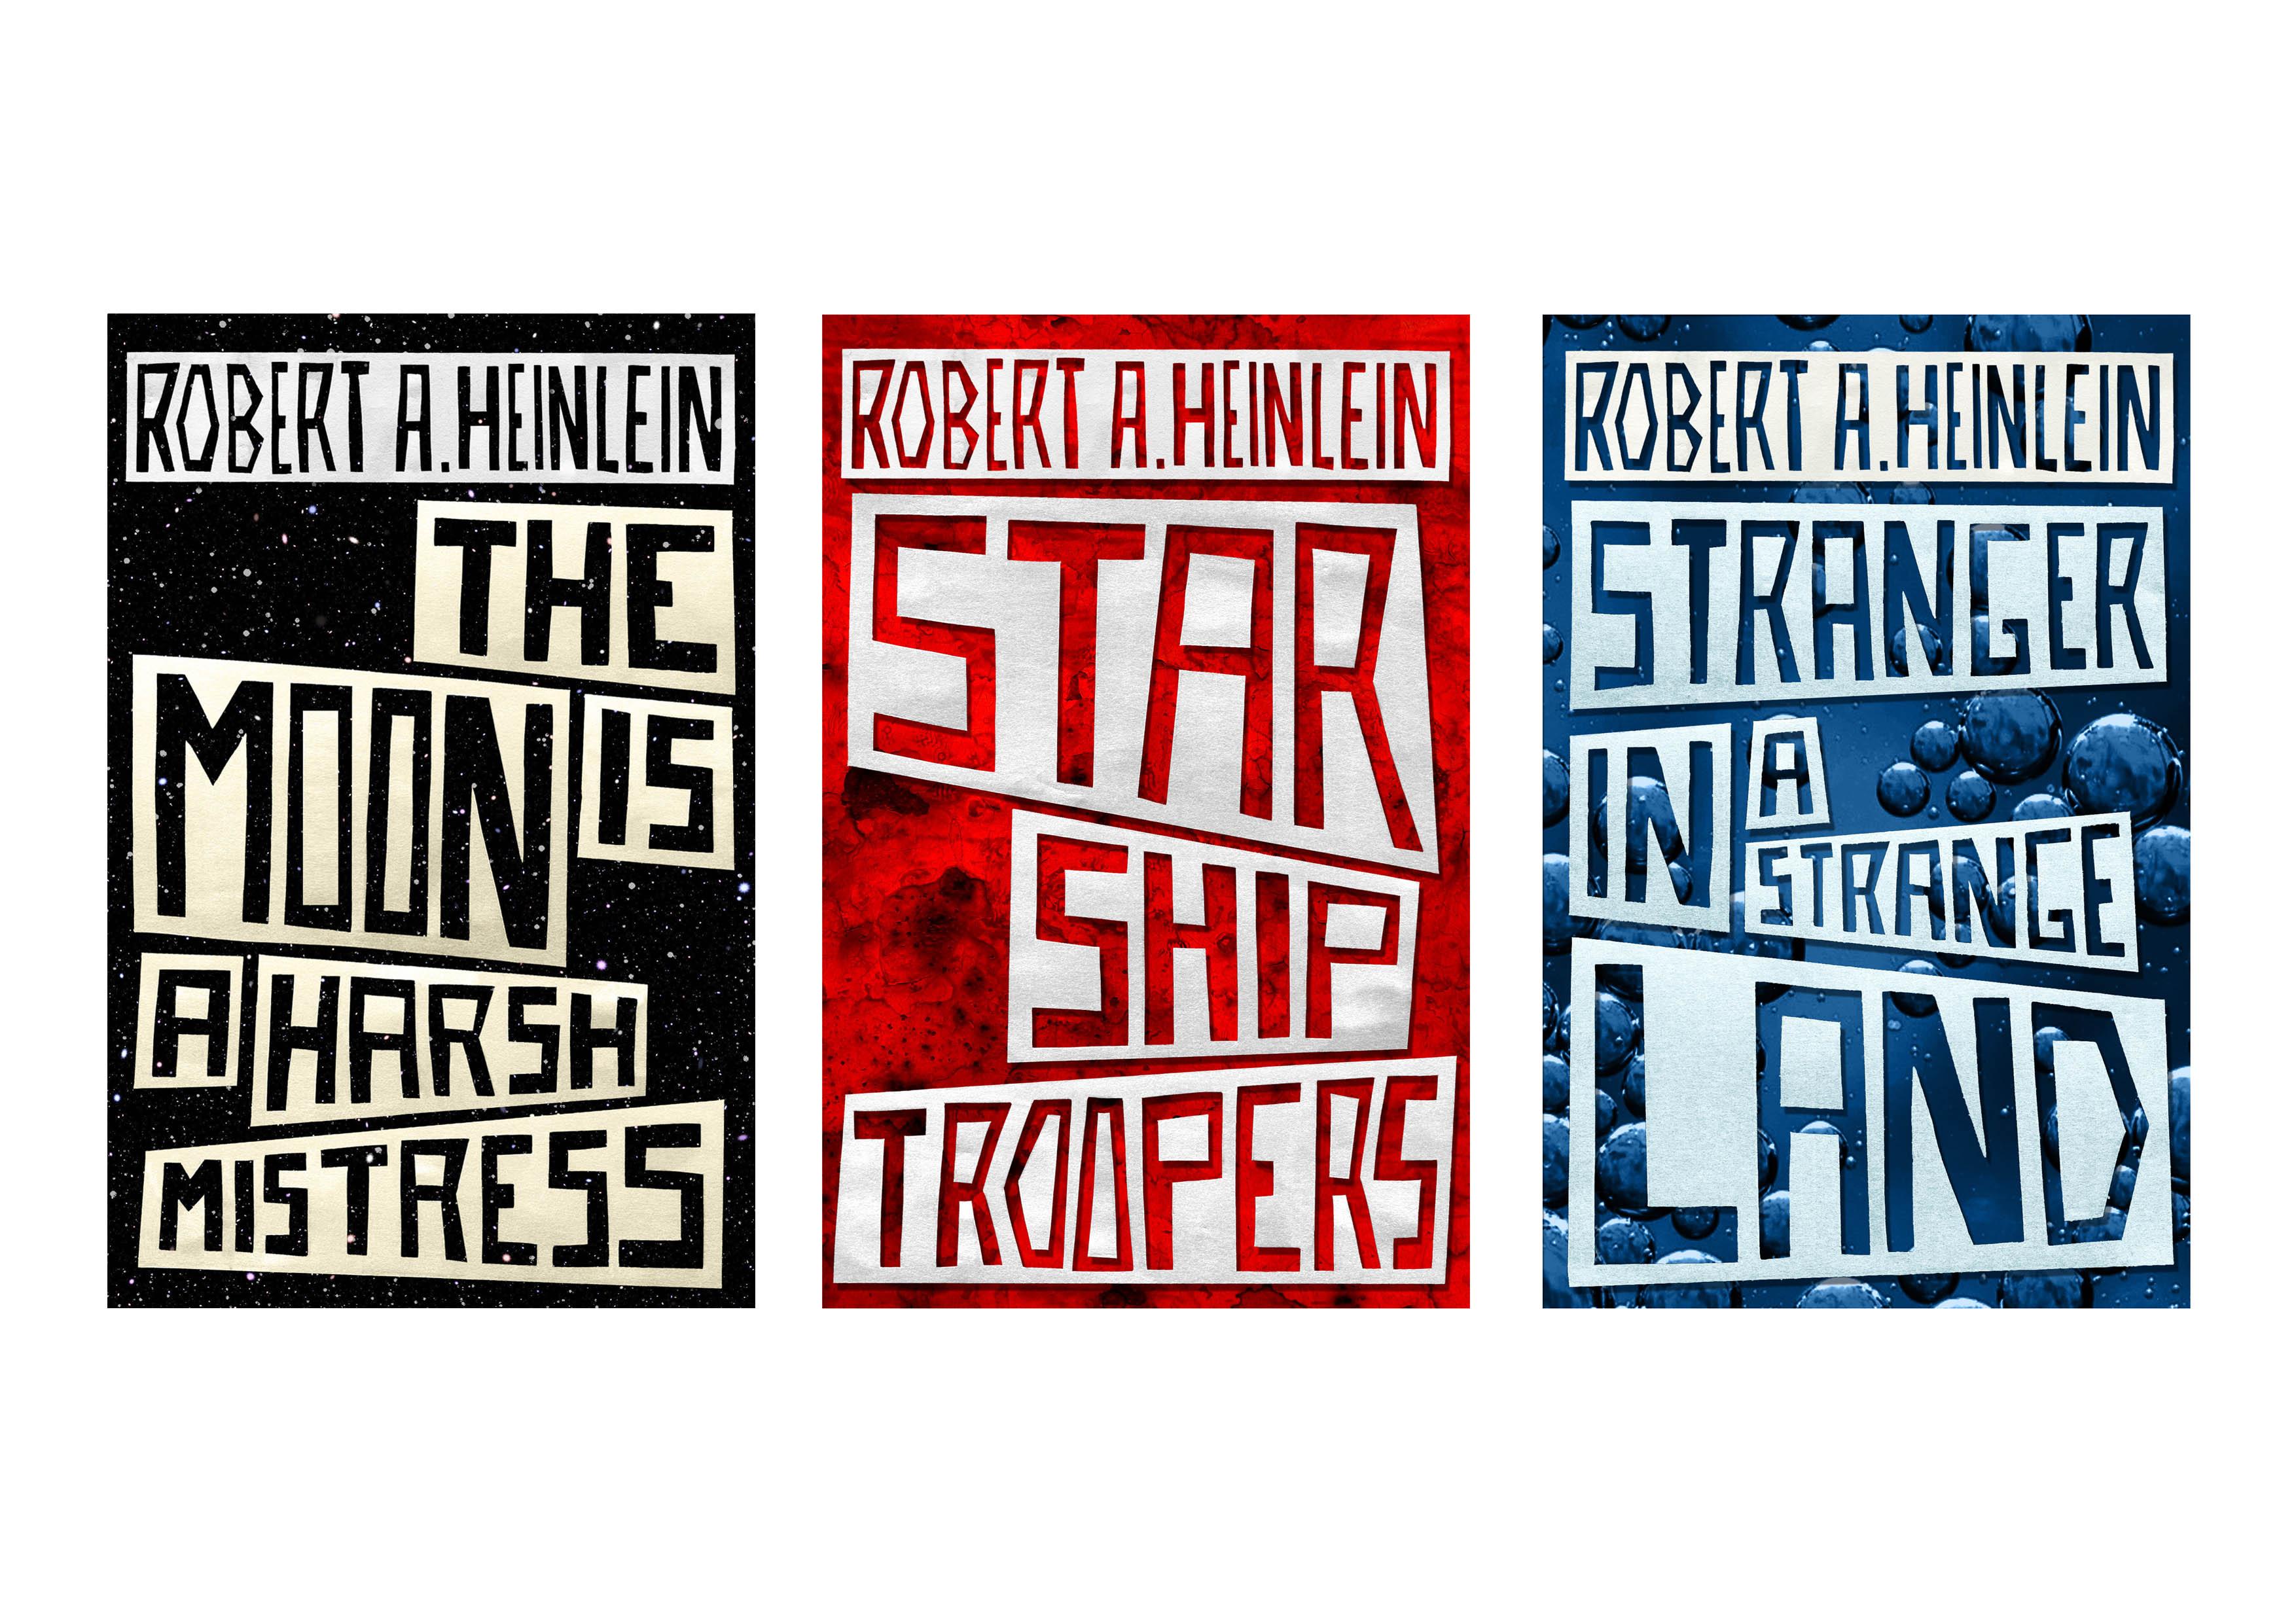 Heinlein x3